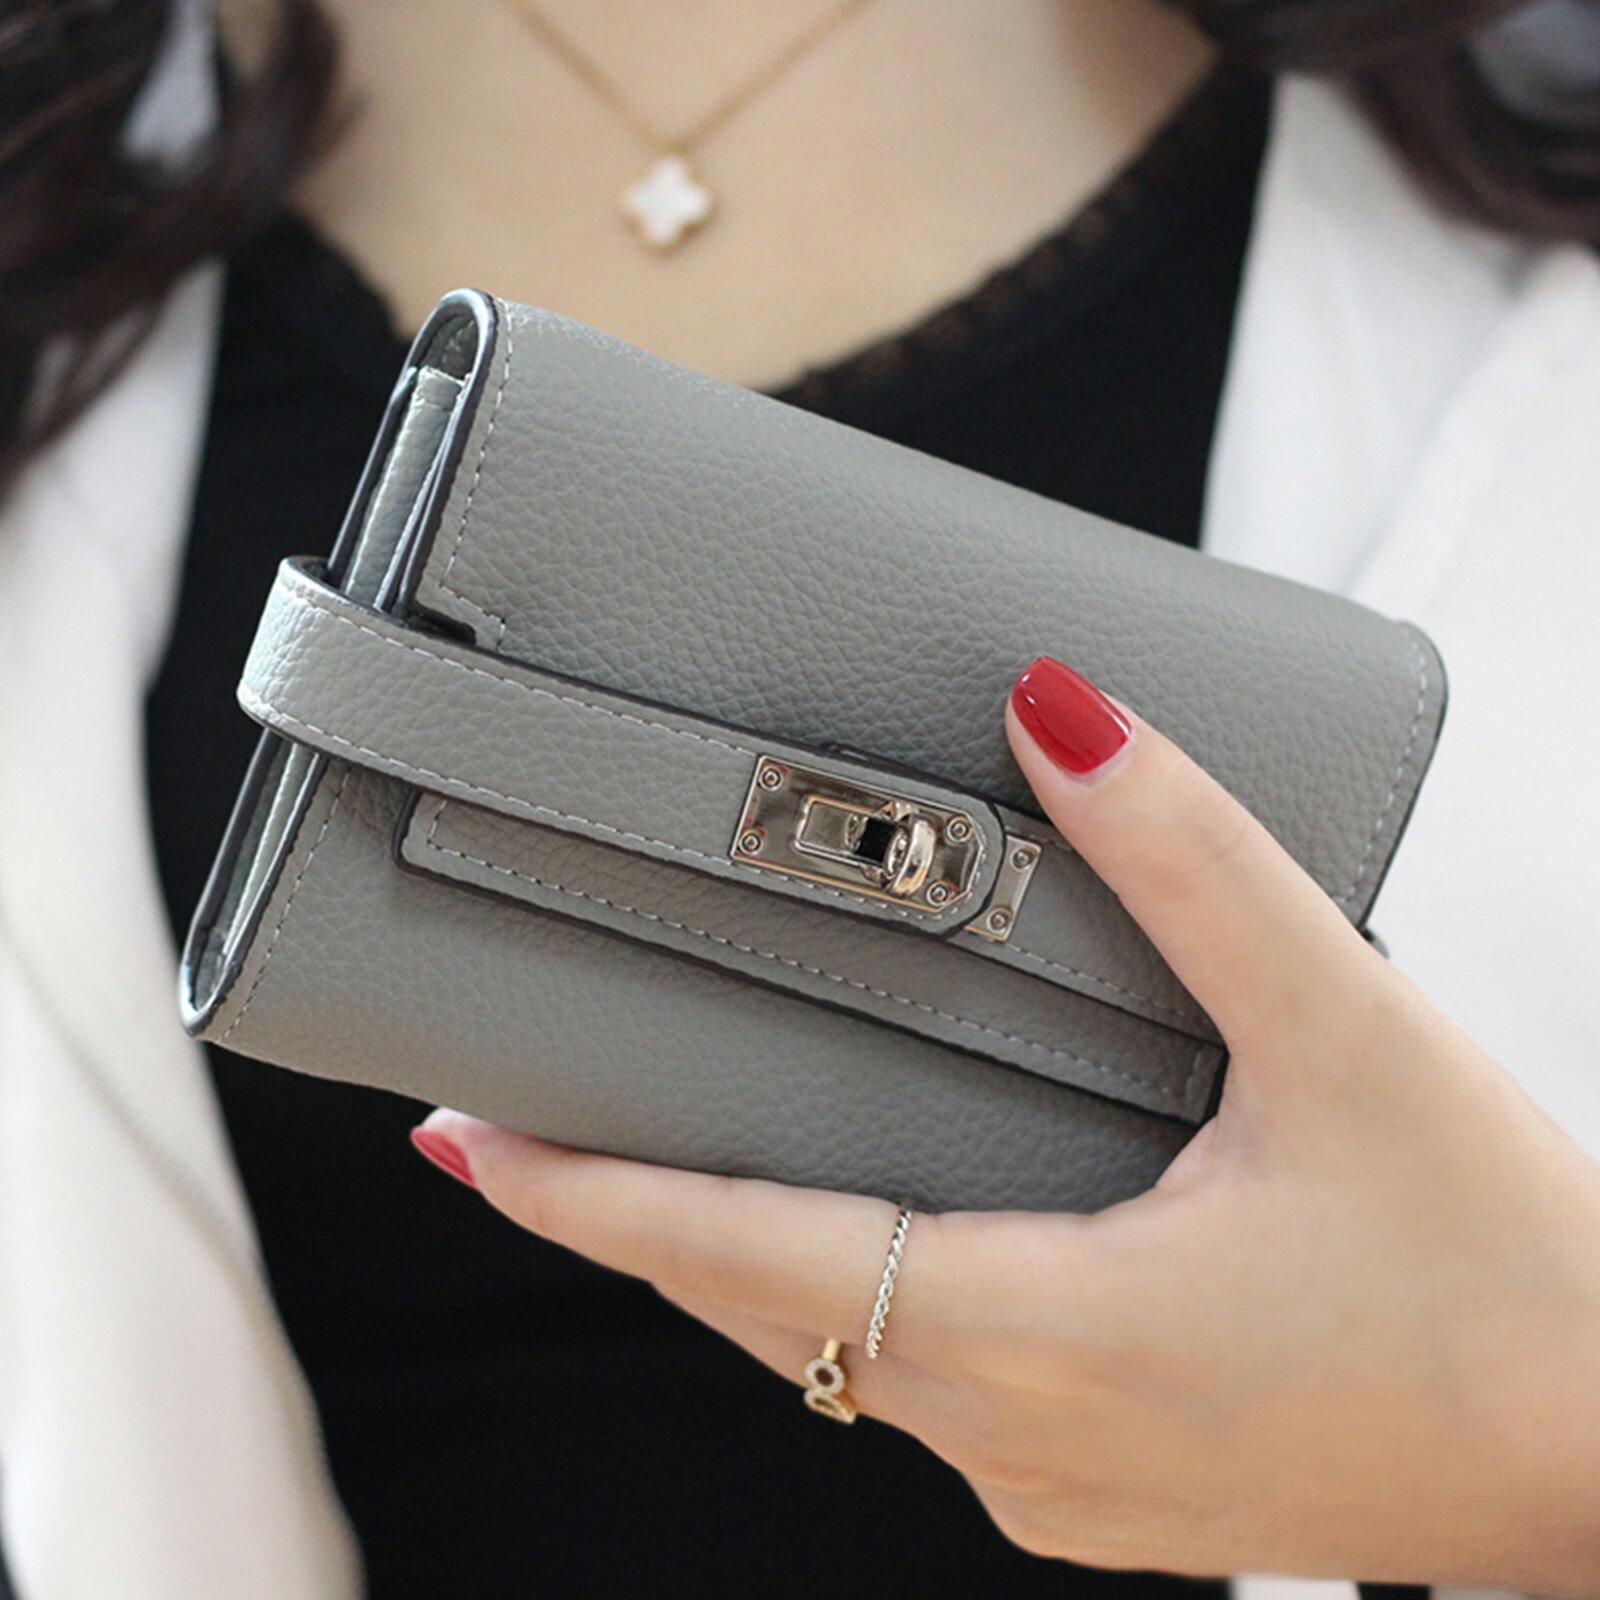 皮夾 錢包 紐扣三層零錢中夾短夾【O3218】☆雙兒網☆ 2